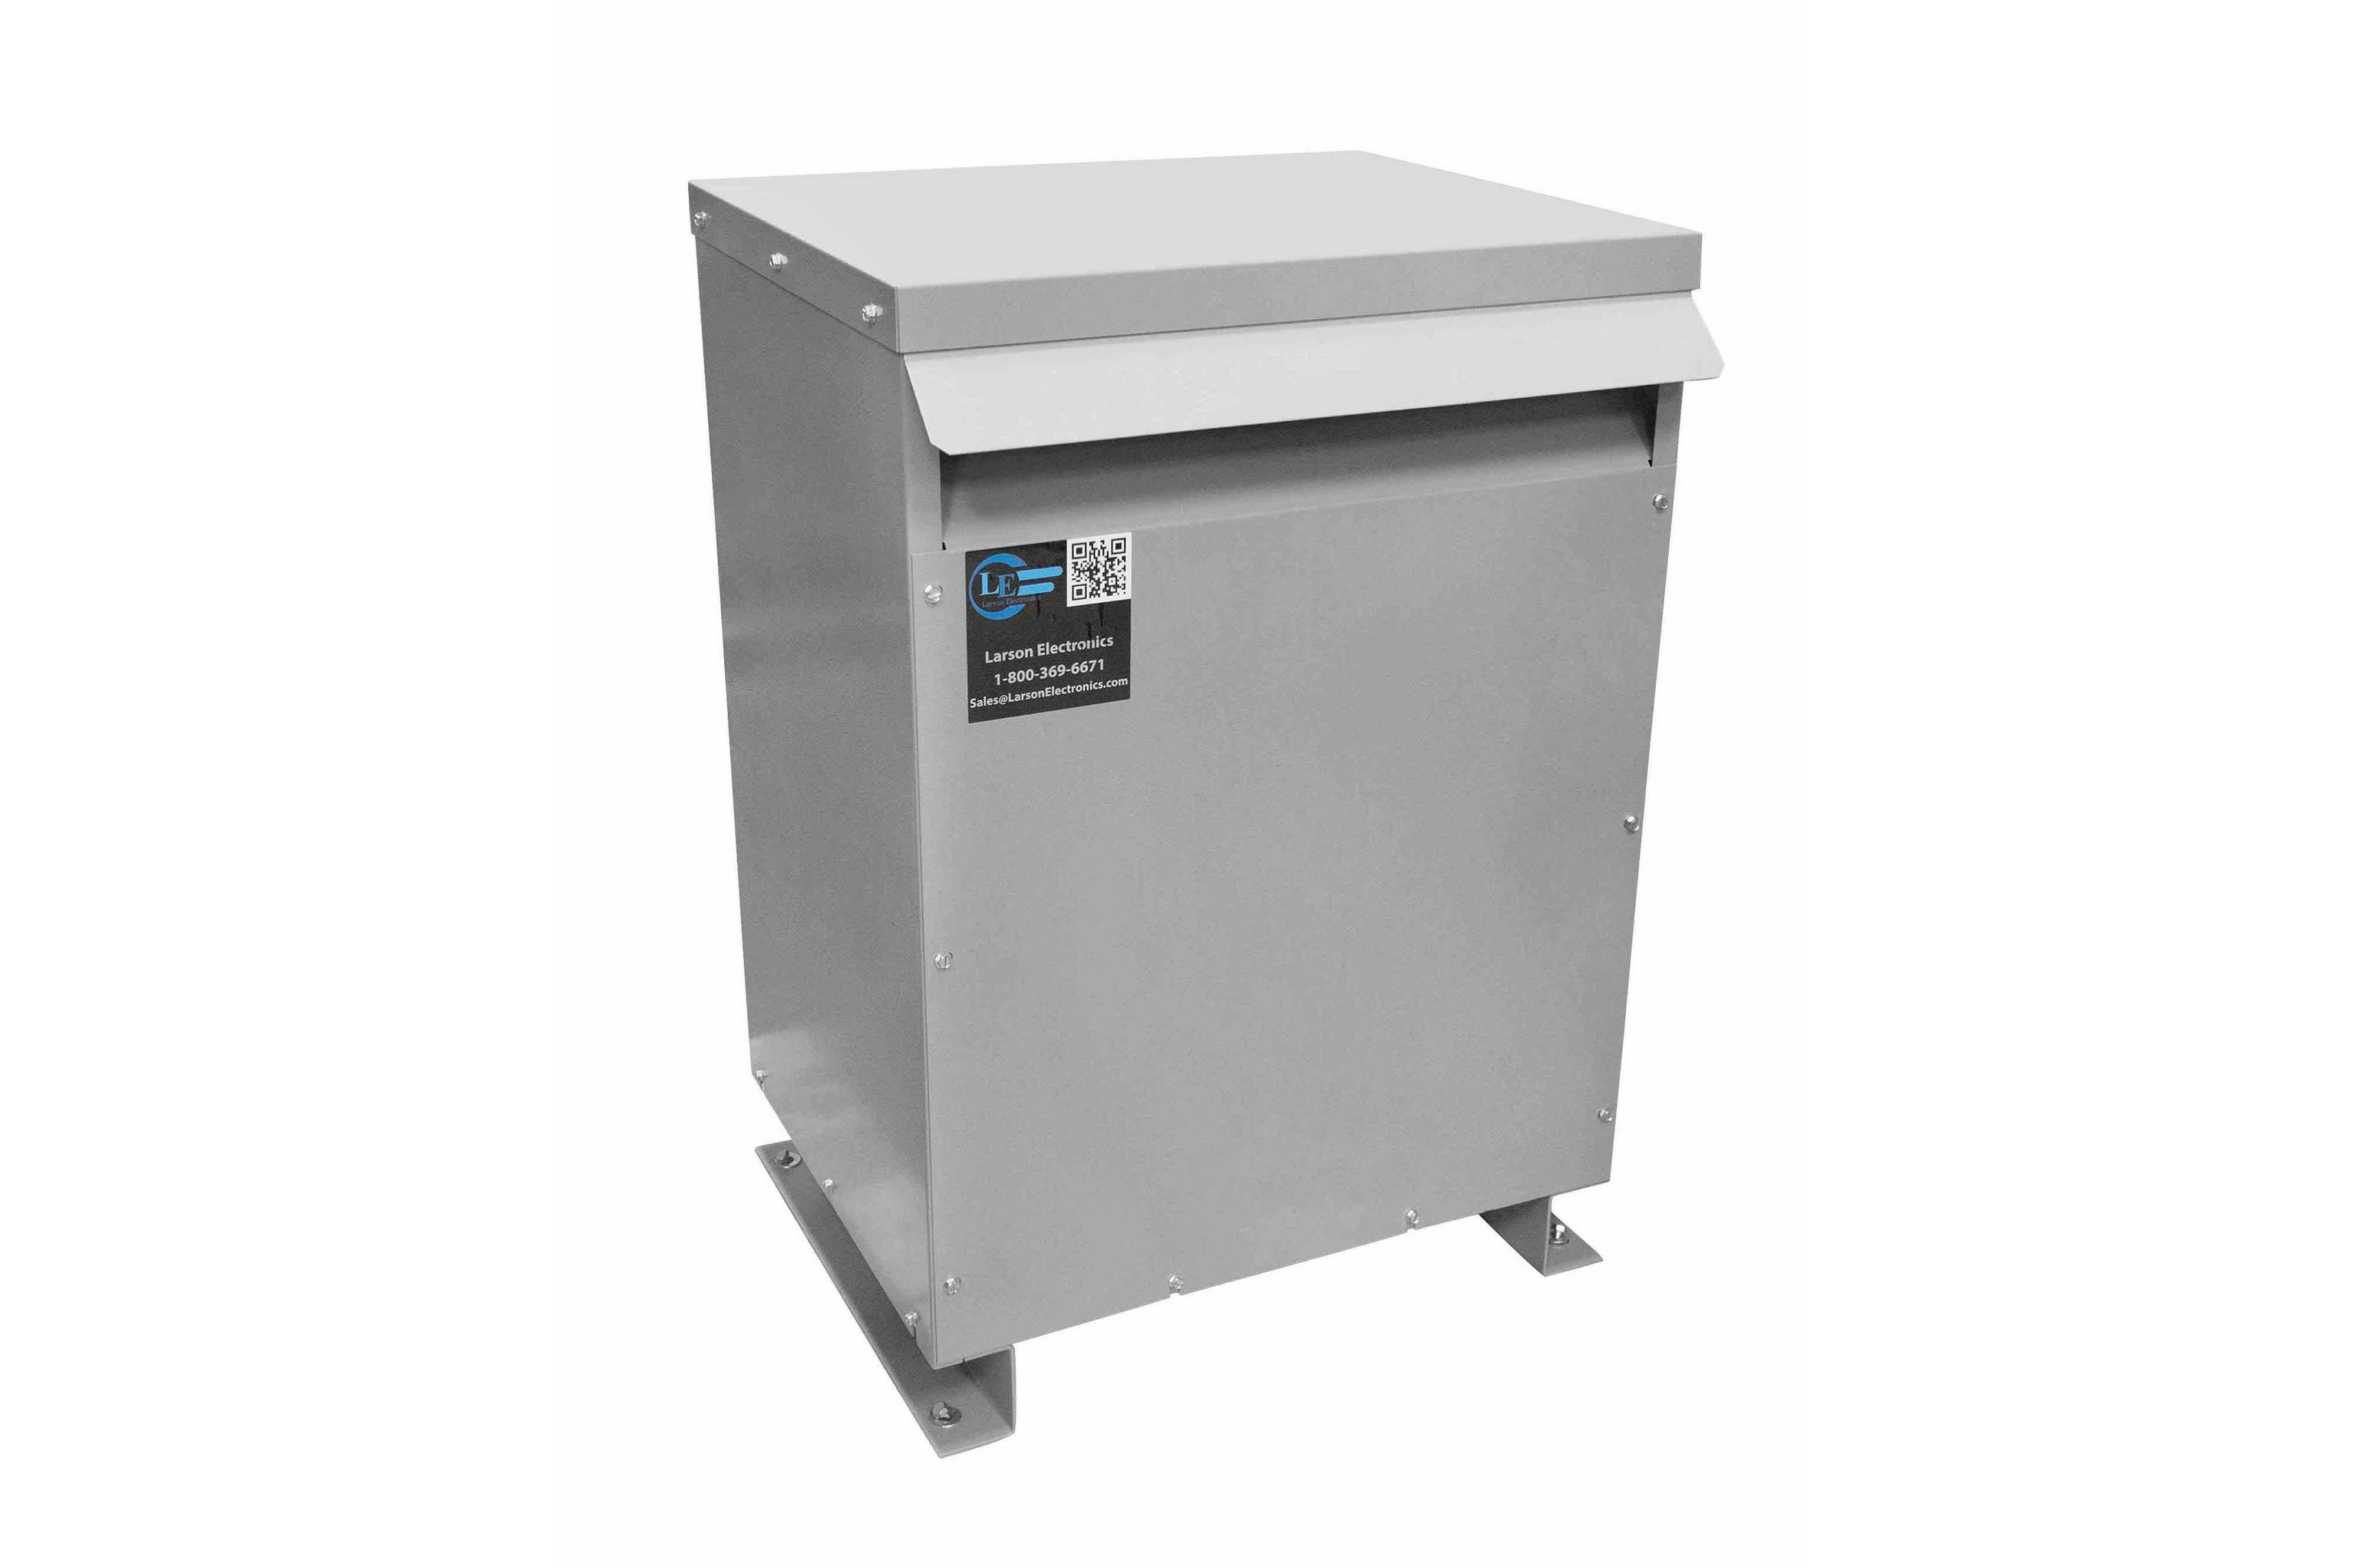 42.5 kVA 3PH Isolation Transformer, 600V Delta Primary, 415V Delta Secondary, N3R, Ventilated, 60 Hz